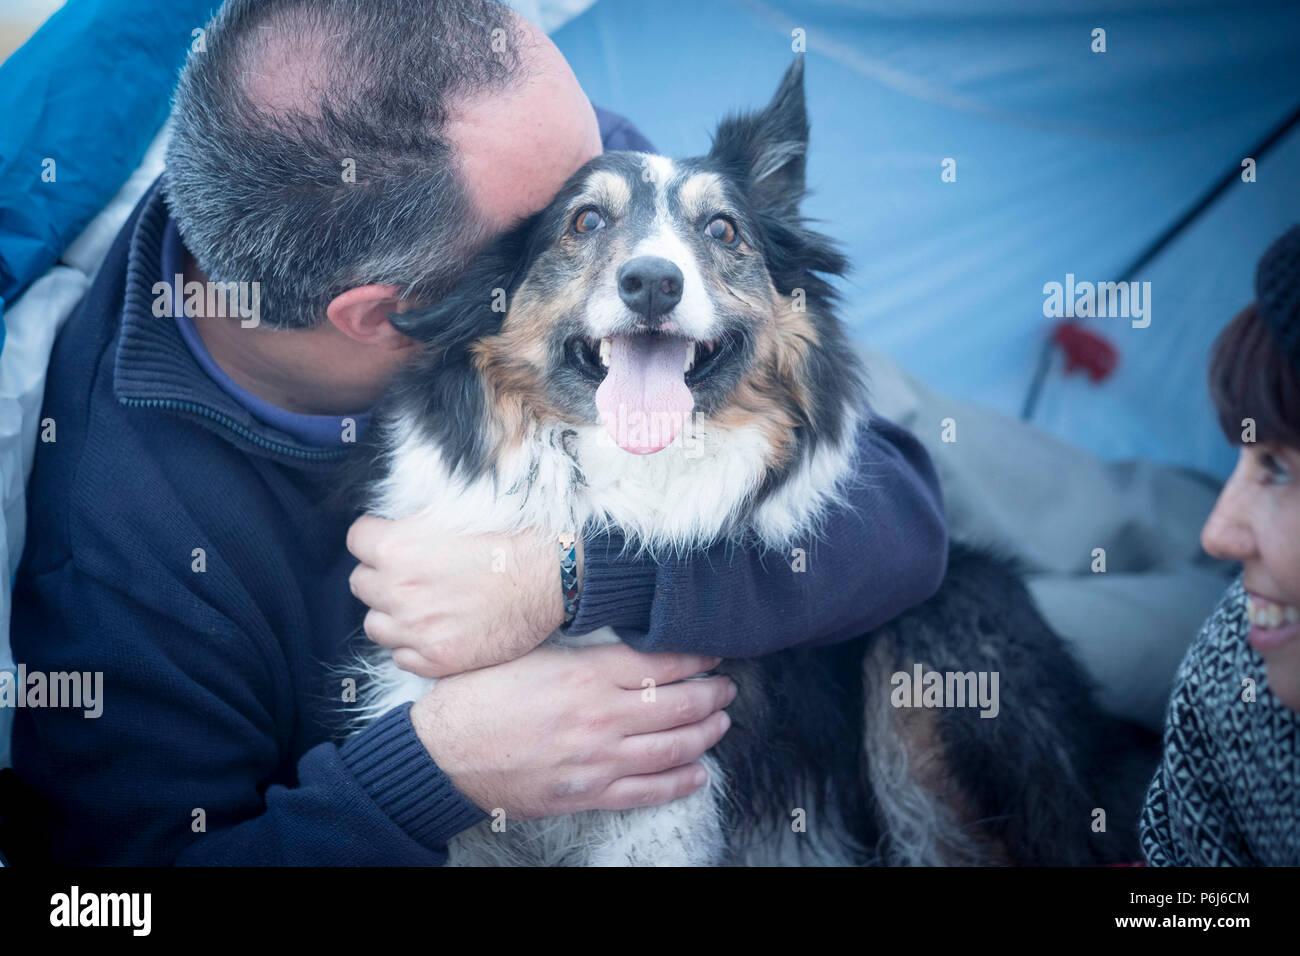 Lindo perro hermoso Border Collie muy contento y alegre concepto abrazado desde su propietario caucásico hombre de mediana edad. mujer busque la variante c de la familia. Imagen De Stock